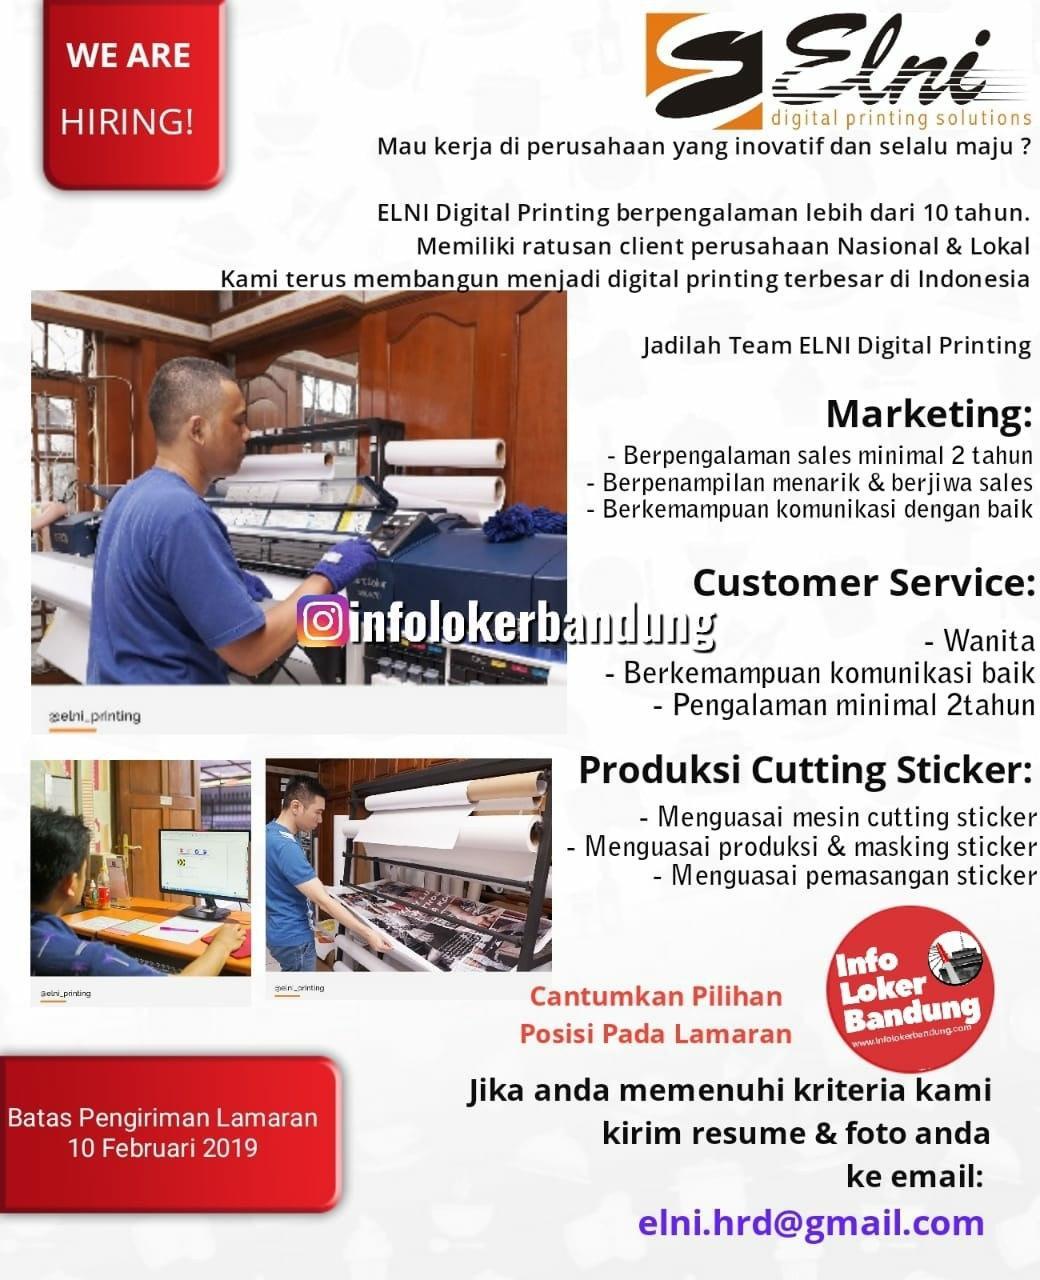 Lowongan Kerja PT. Elni Digital Printing Bandung Februari 2020